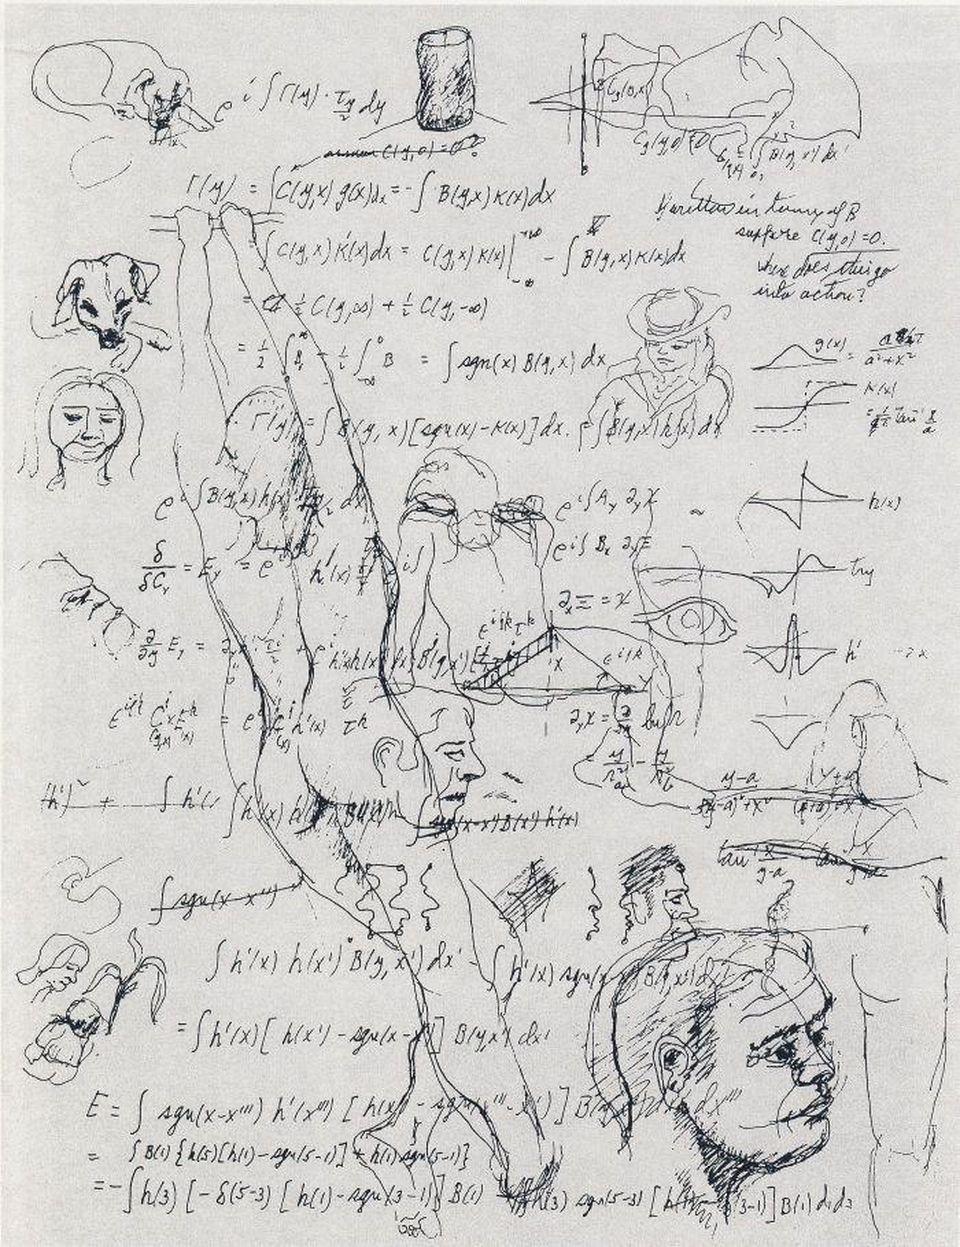 Одеваем науку: Ричард Фейнман и костюмированные вечеринки Эла Хиббса - 5